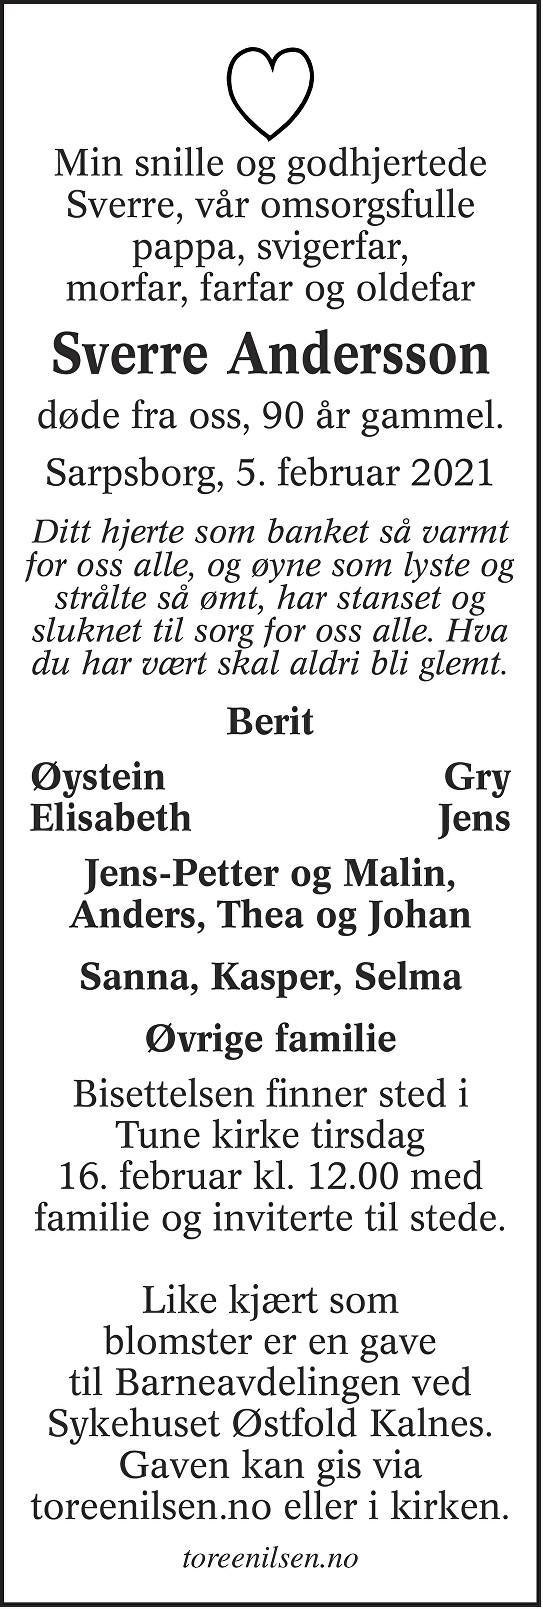 Sverre Andersson Dødsannonse